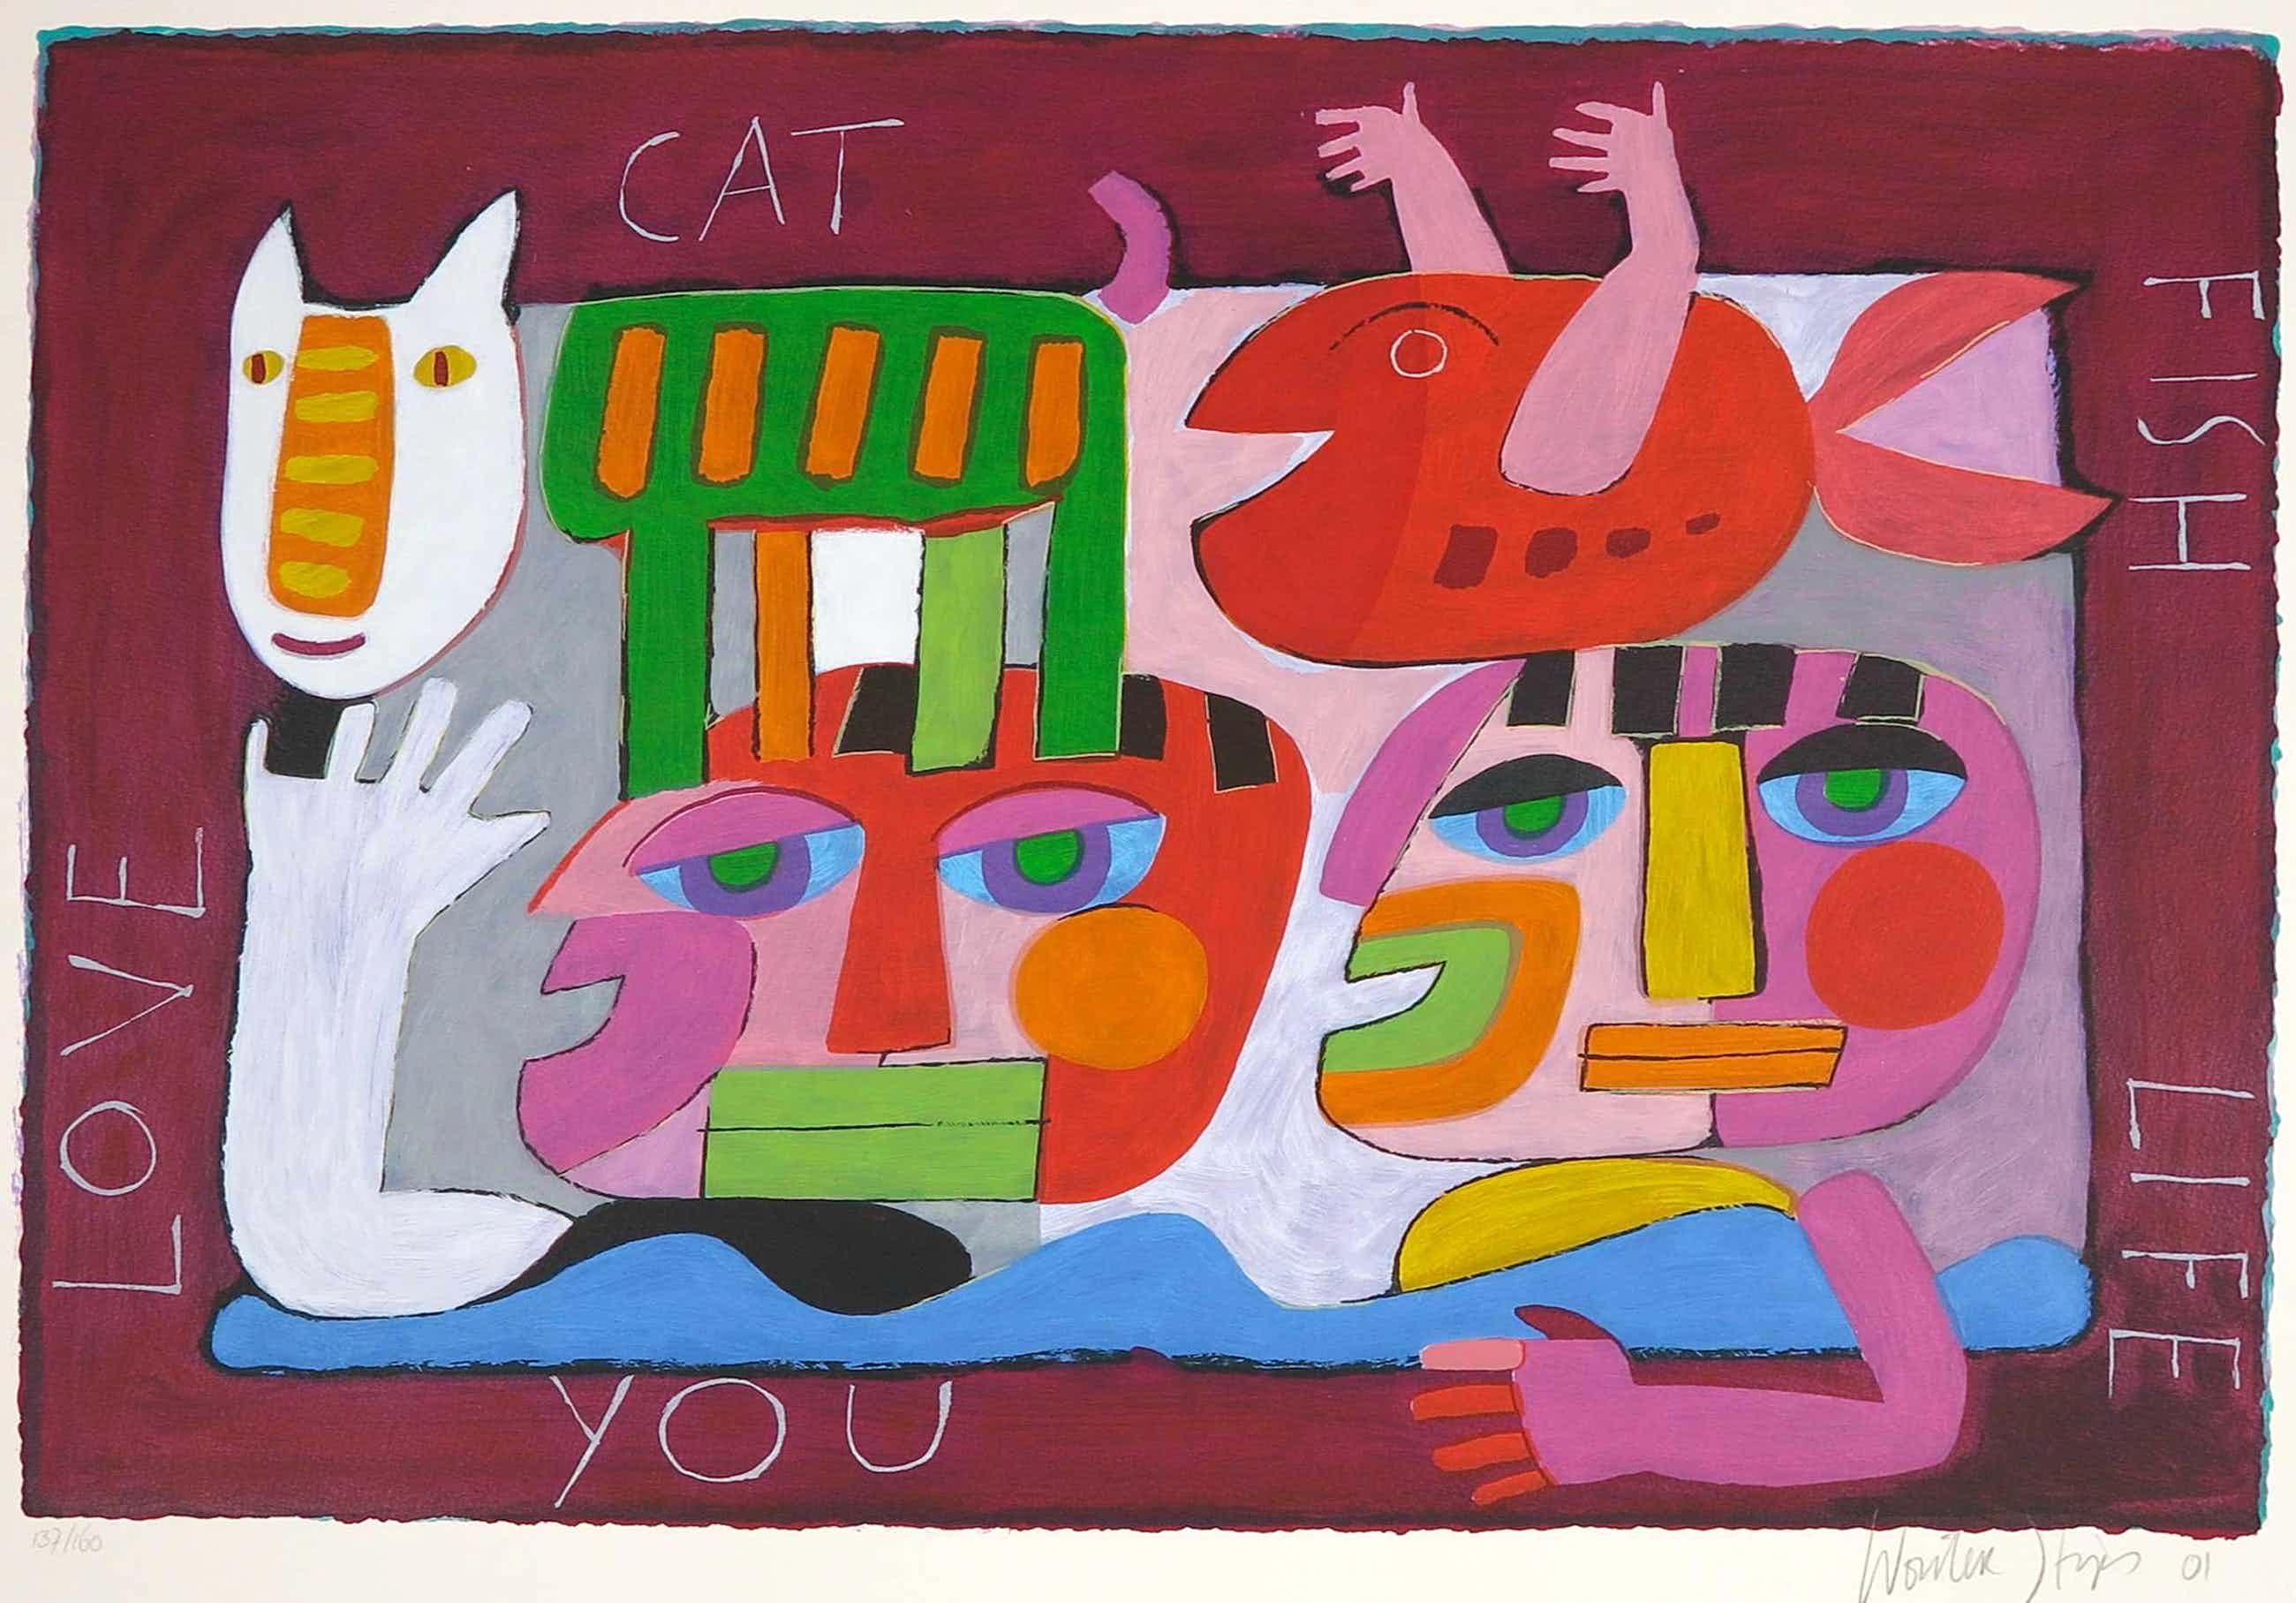 Wouter Stips - Zeefdruk, Love Cat Fish Life You kopen? Bied vanaf 40!